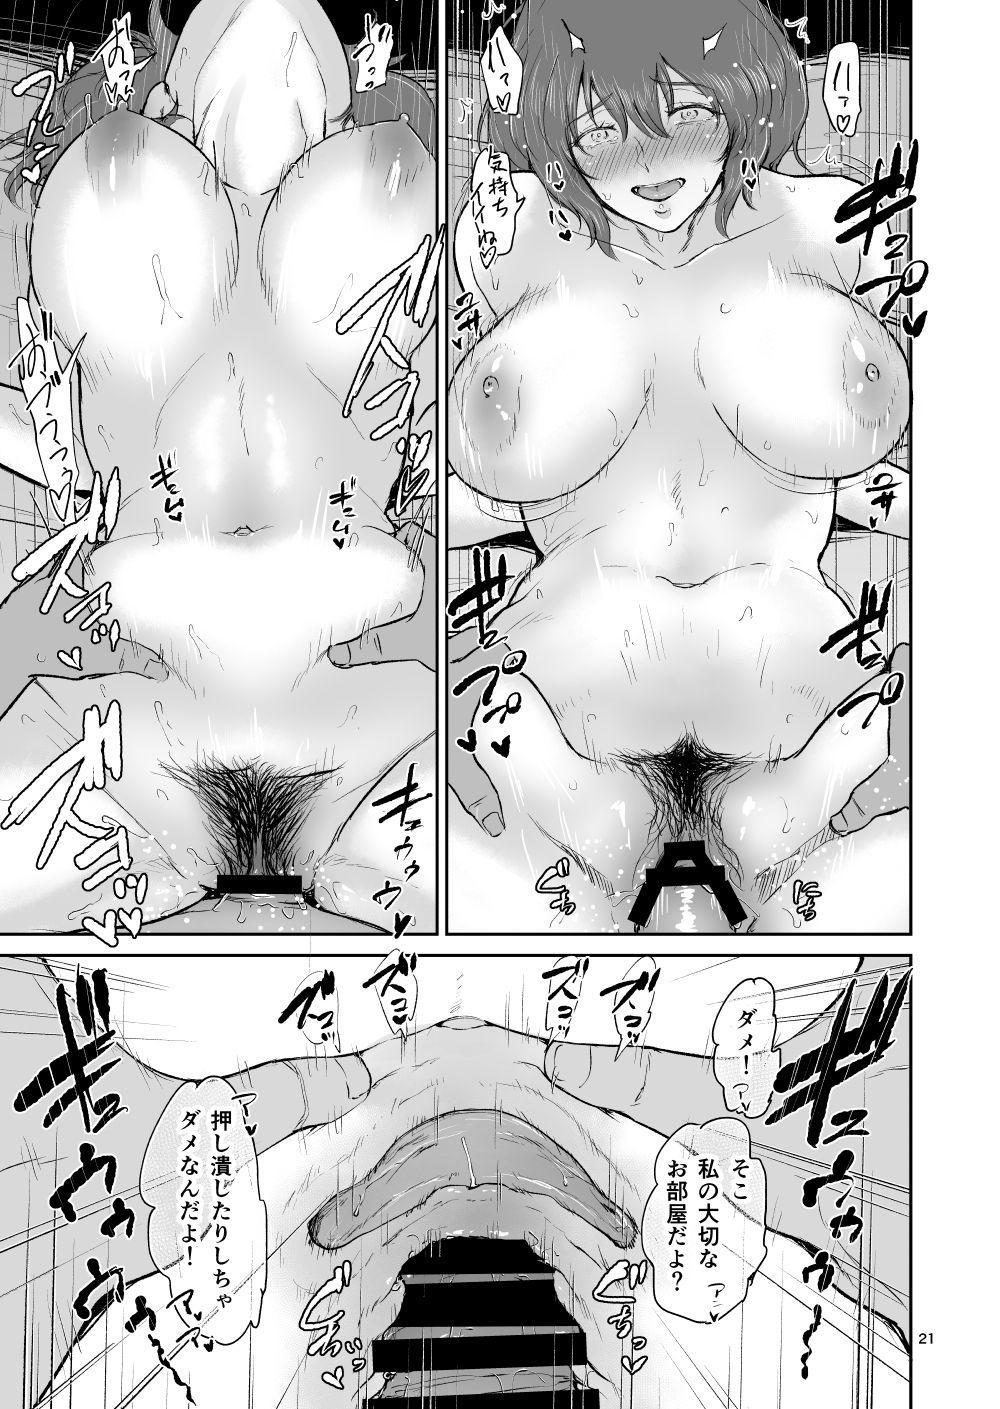 [yogurt (bifidus)] Marie-san to Ofuroba de -Otonari no Kyonyuu Onee-san to no Amai Hibi... [Digital] 19